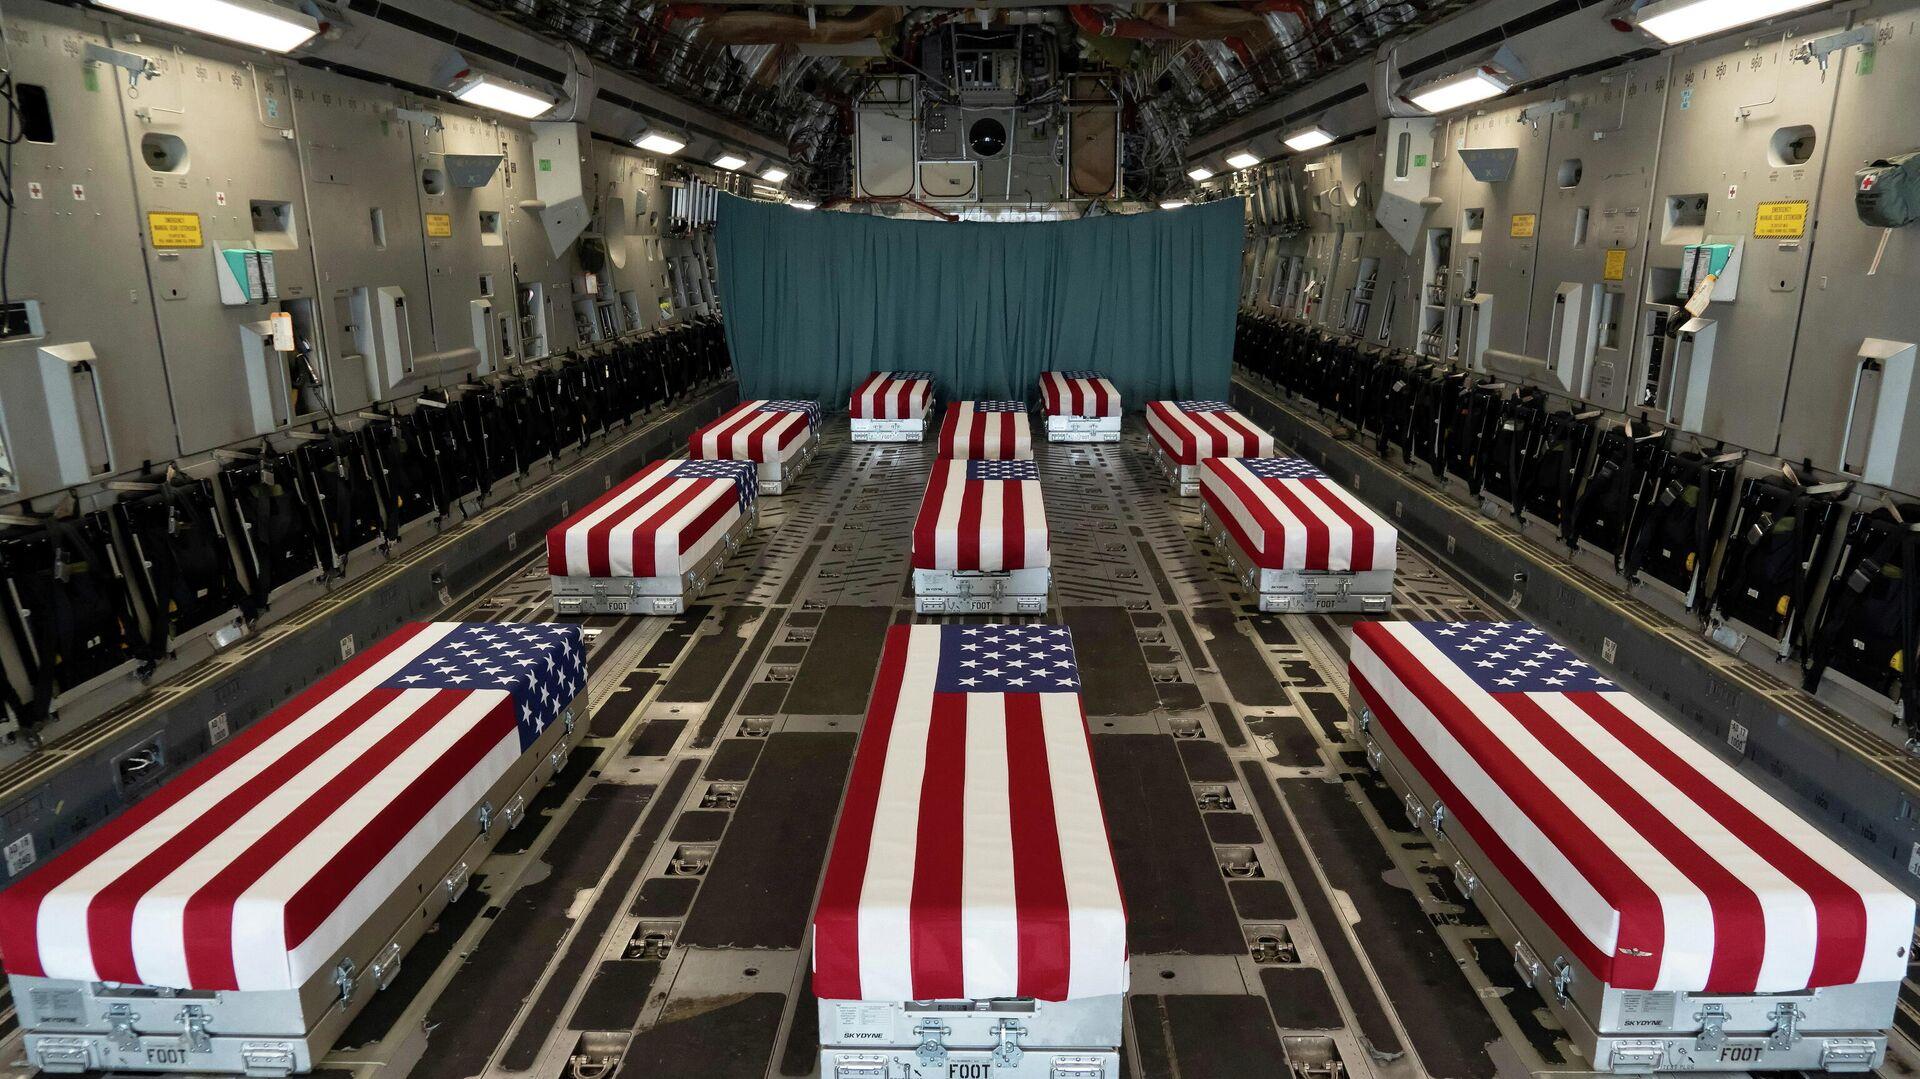 Afganistan'daki Kabil Havaalanı saldırılarında ölen 13 ABD askerinin tabutlarını taşıyan C-17 uçağının içi - Sputnik Türkiye, 1920, 31.08.2021